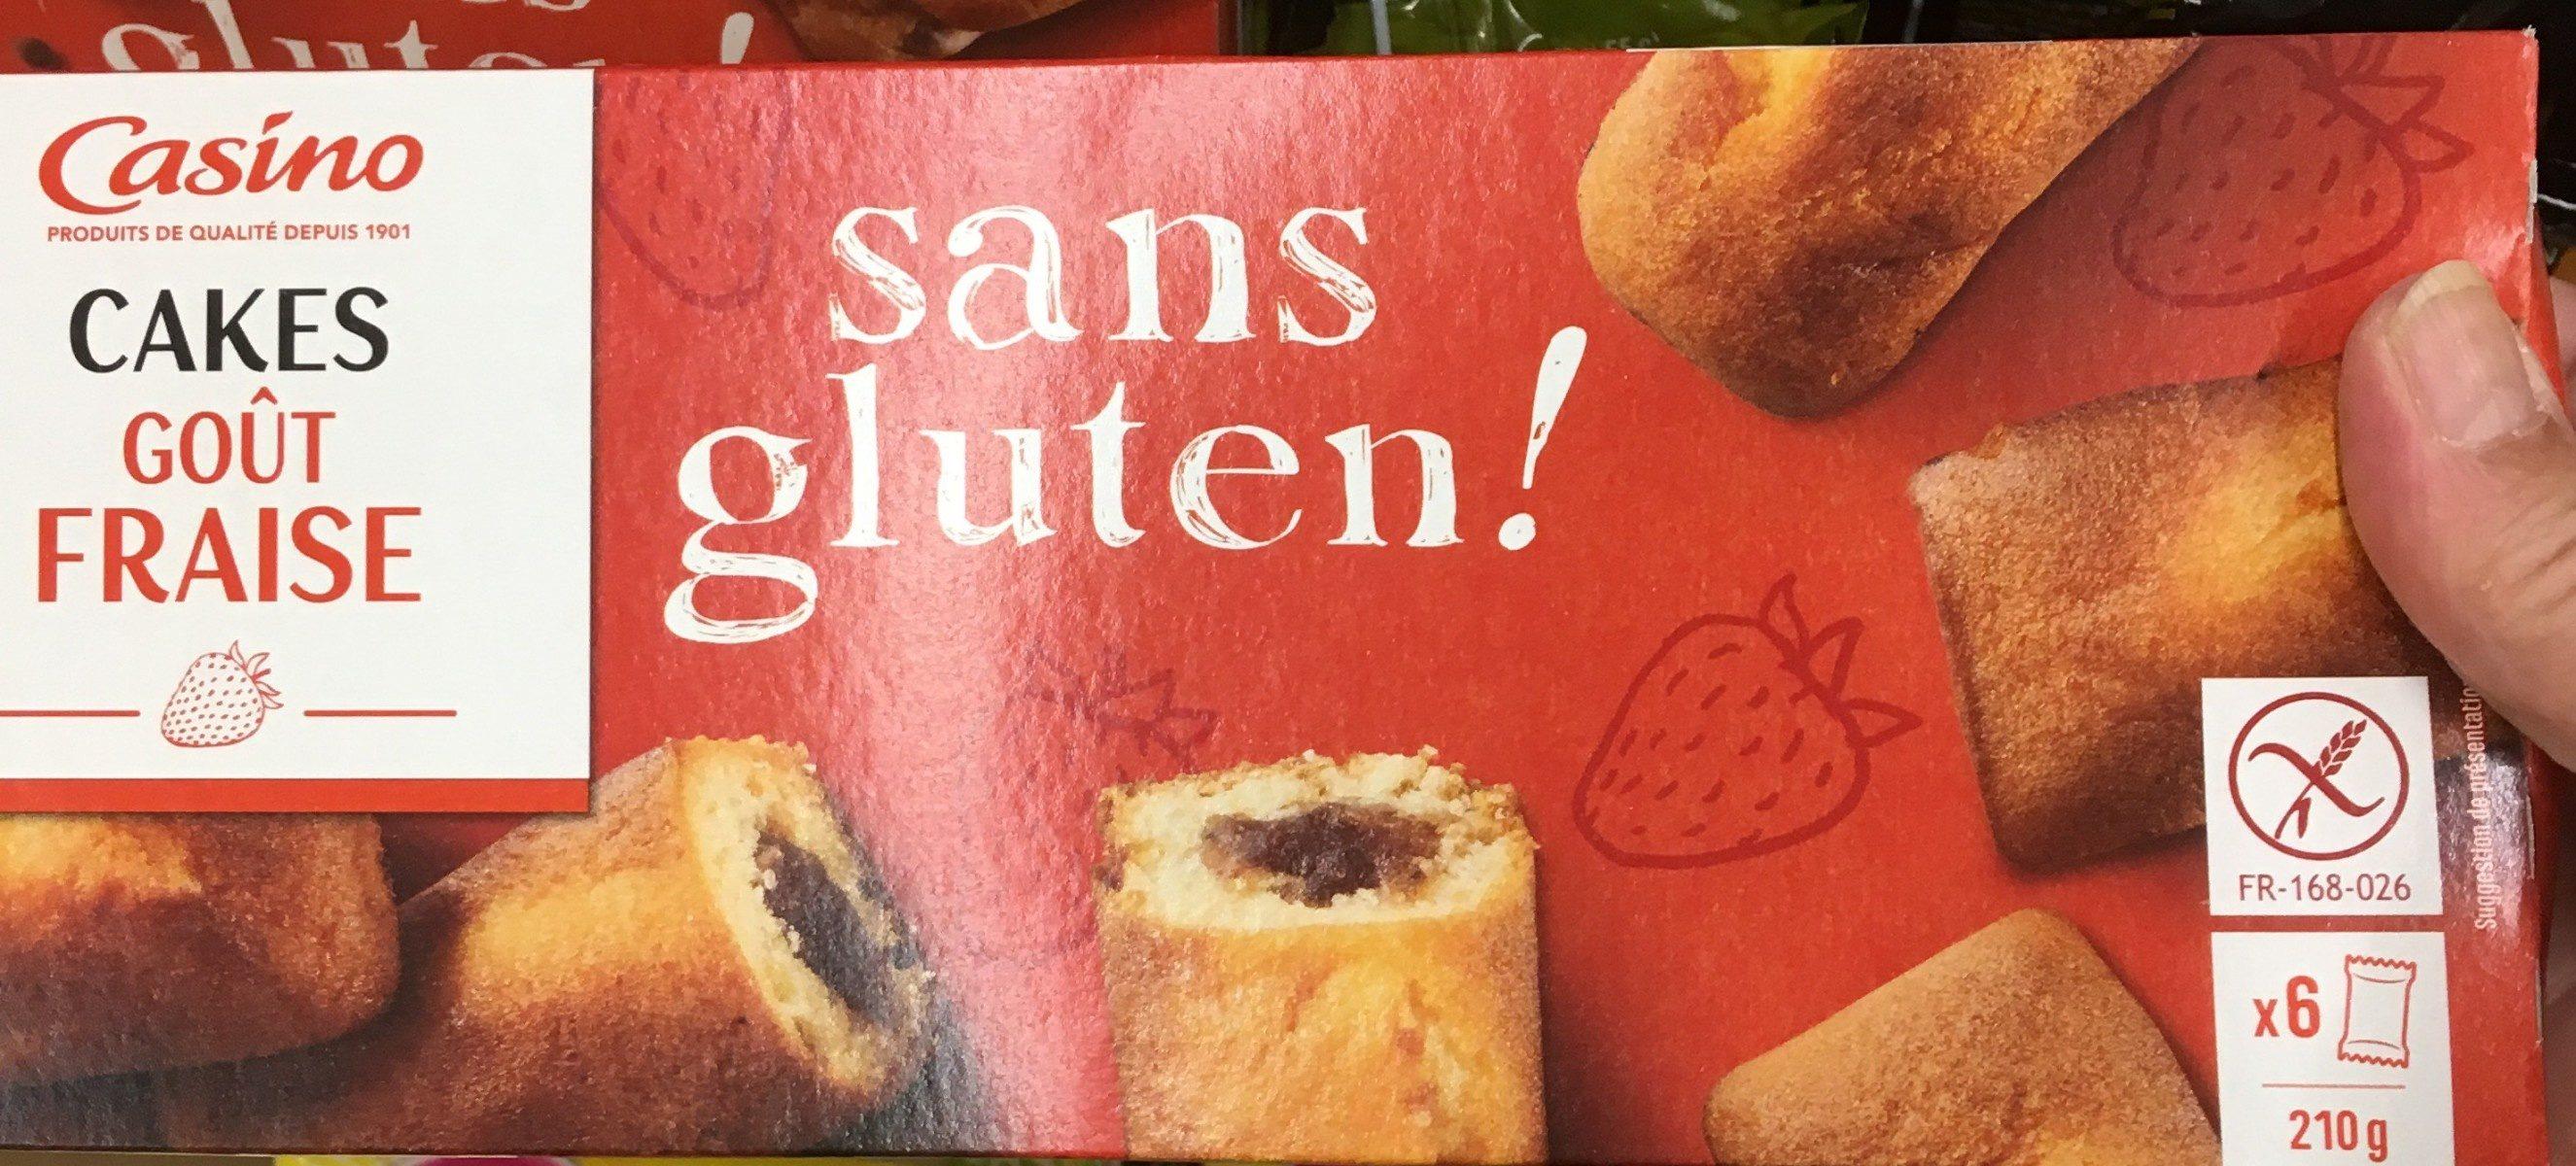 Cake goût Fraise sans gluten - Produit - fr